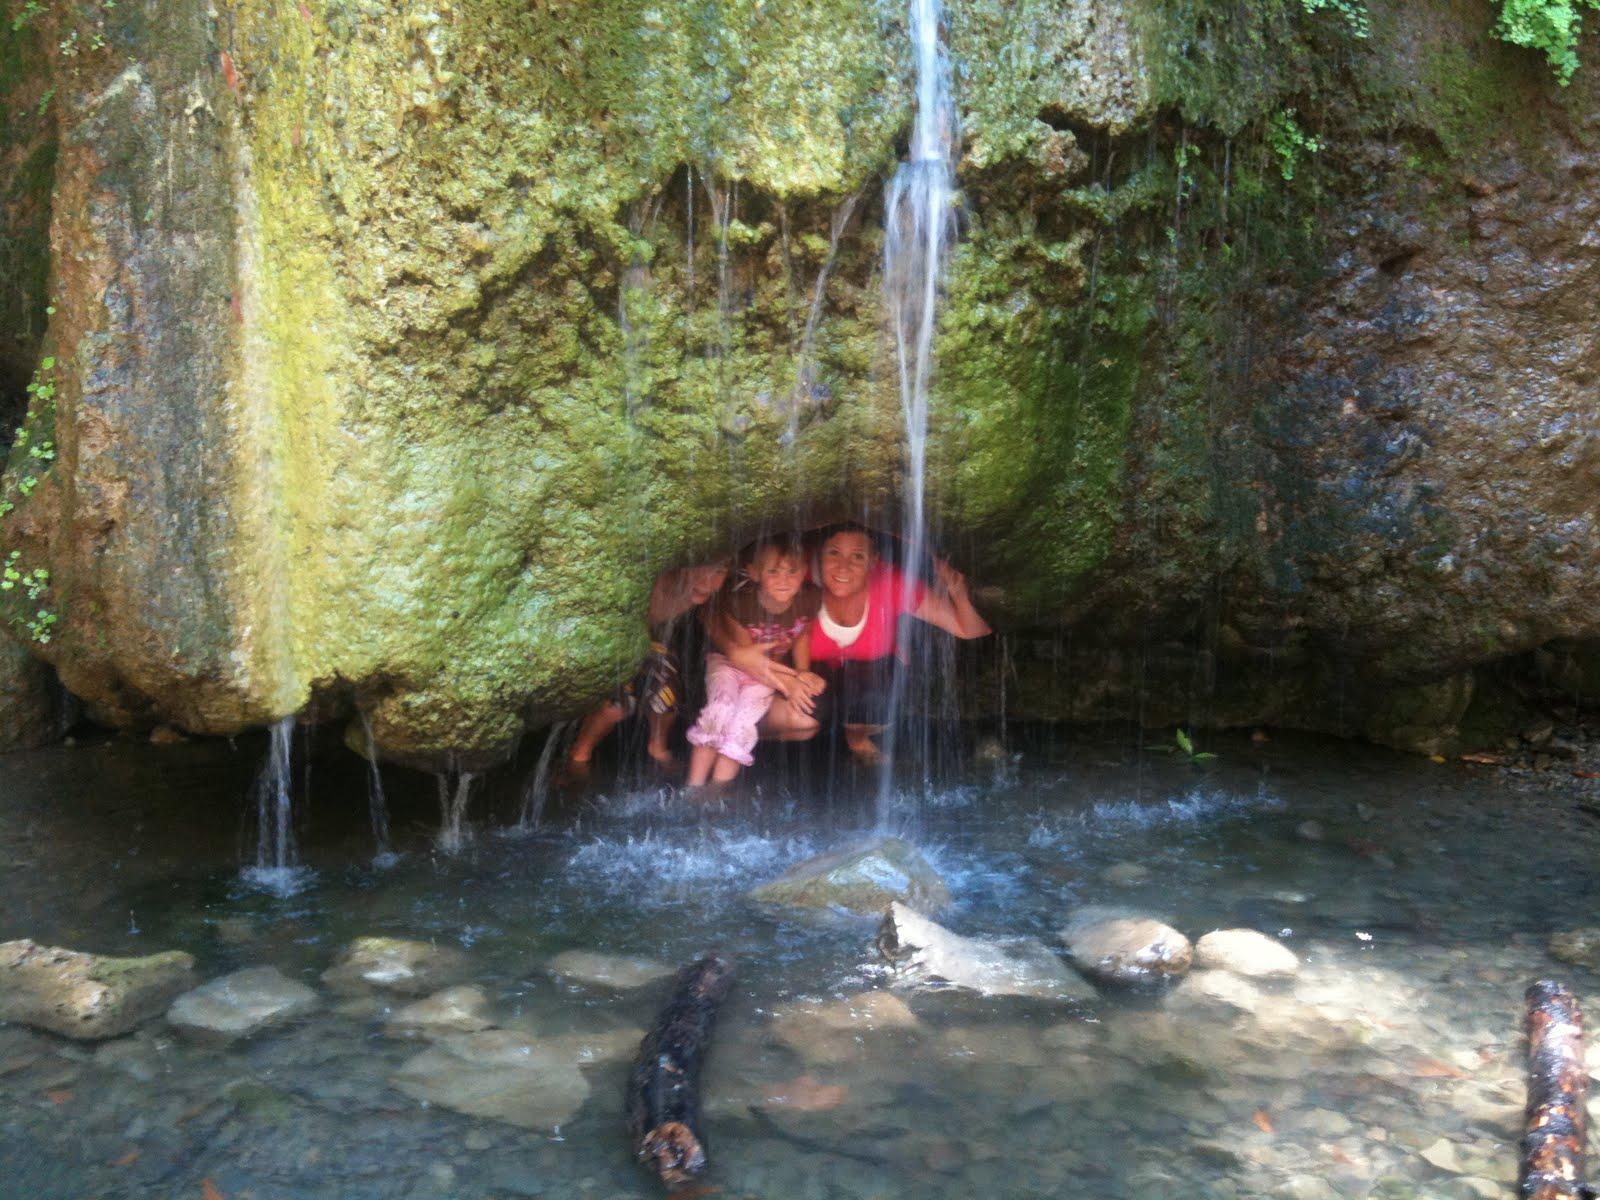 Under Nojoqui Falls